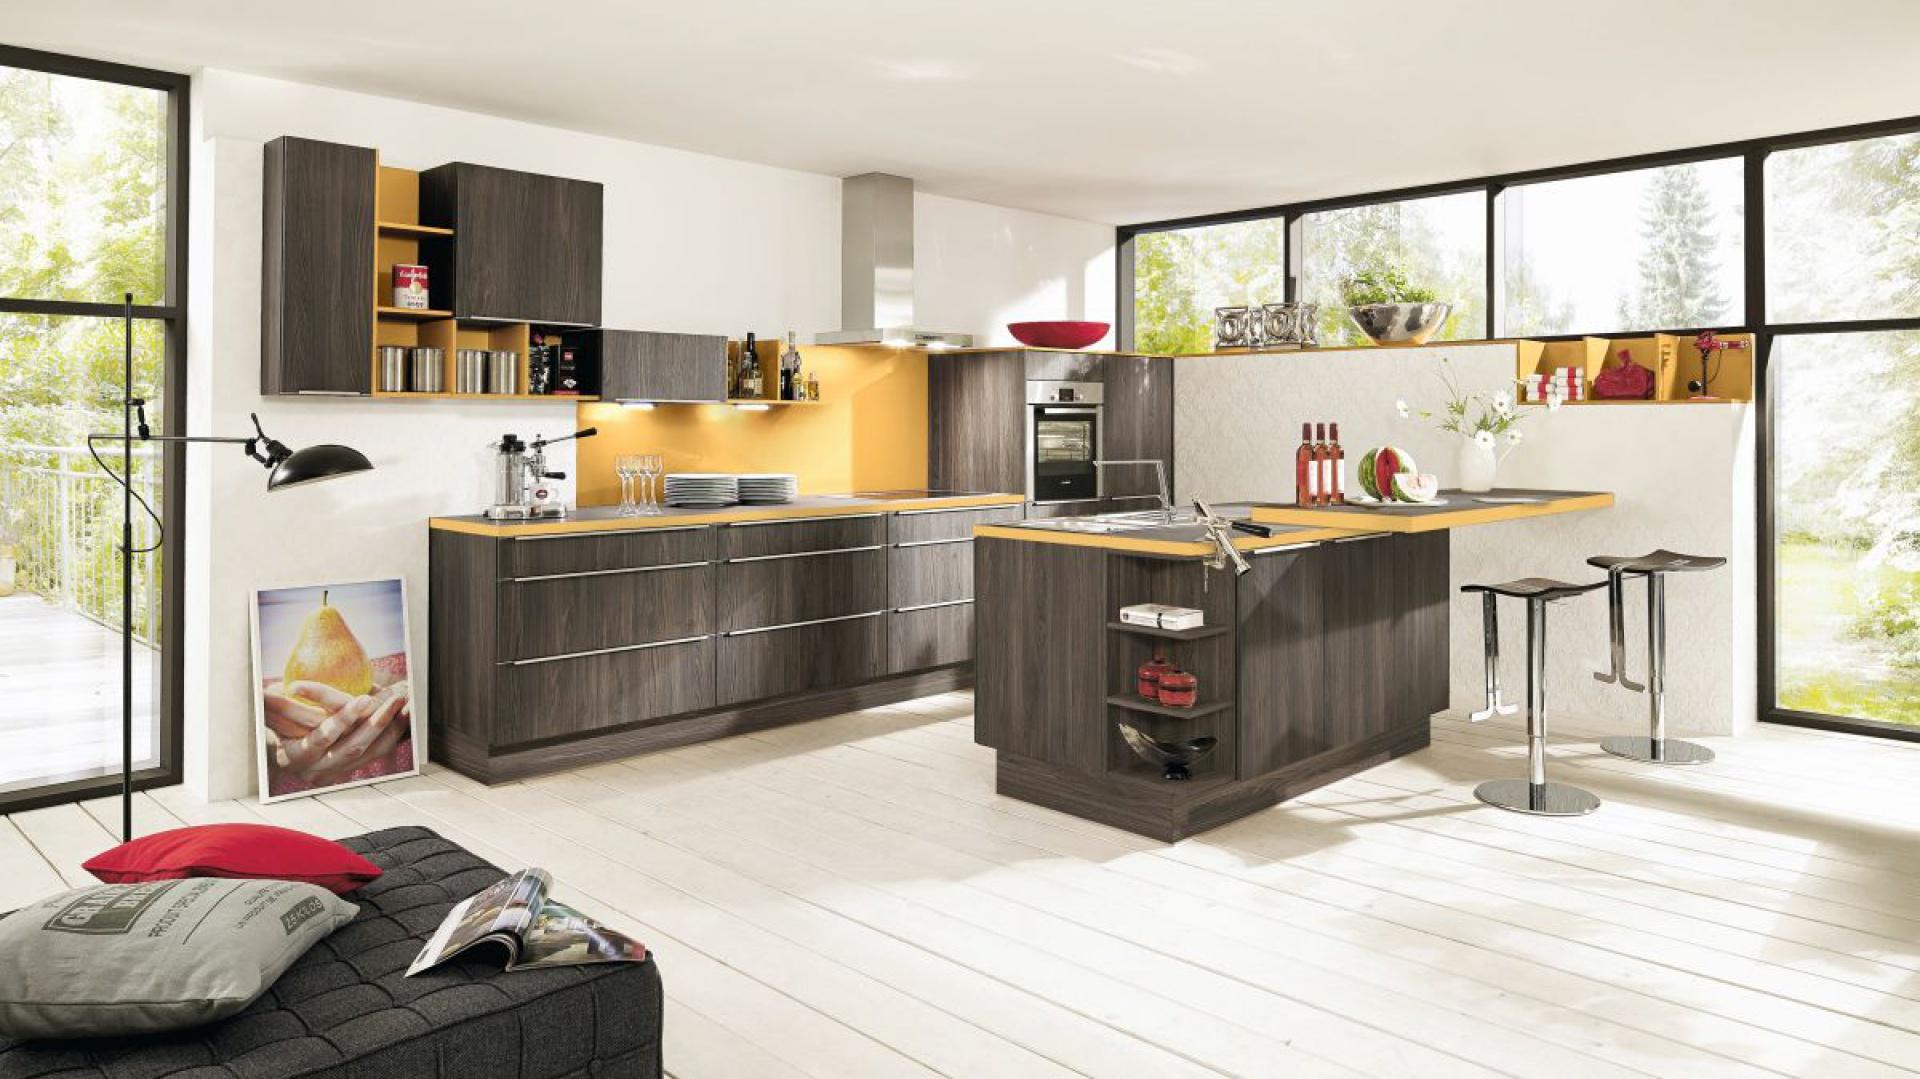 Pionowy rysunek słojów ciemnego drewna zdobi fronty tej nowoczesnej kuchni. Całość wieńczy żółty blat, kontrastujący z mocnym odcieniem drewna. Fot. Impuls, meble z programu IP 2200.